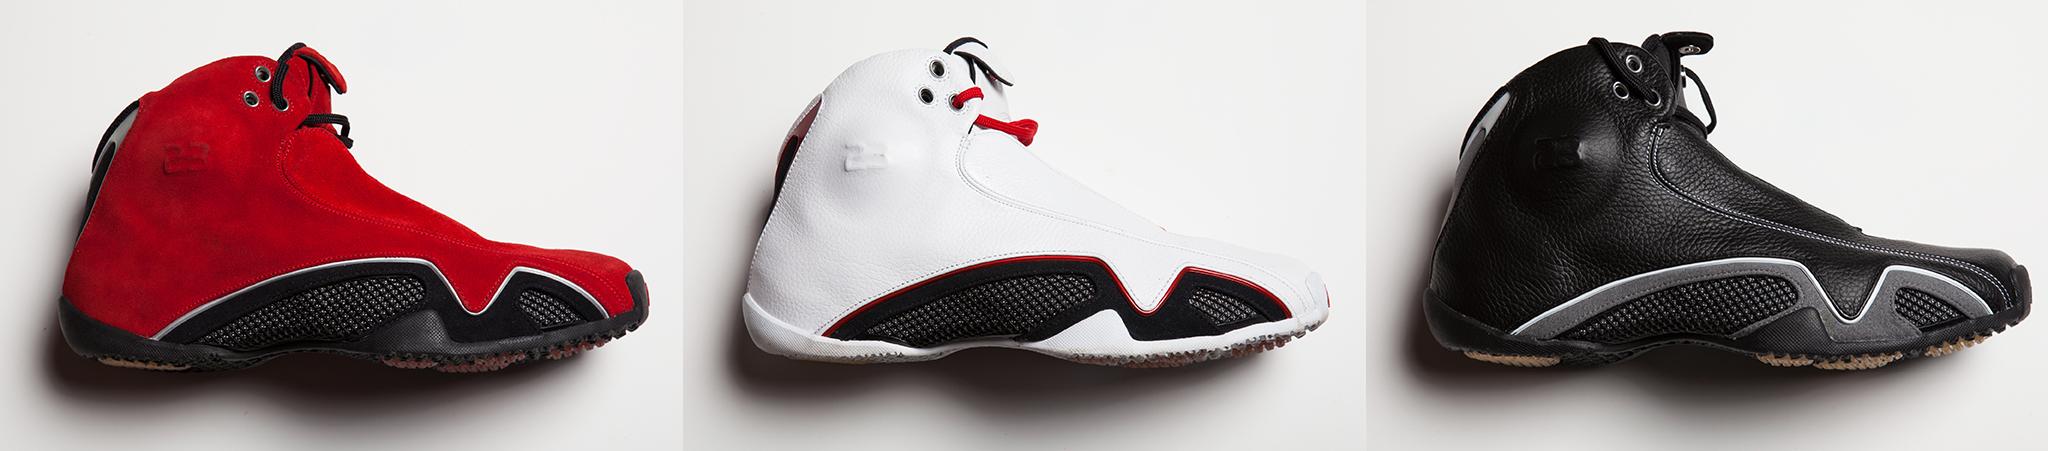 Air Jordan XX1